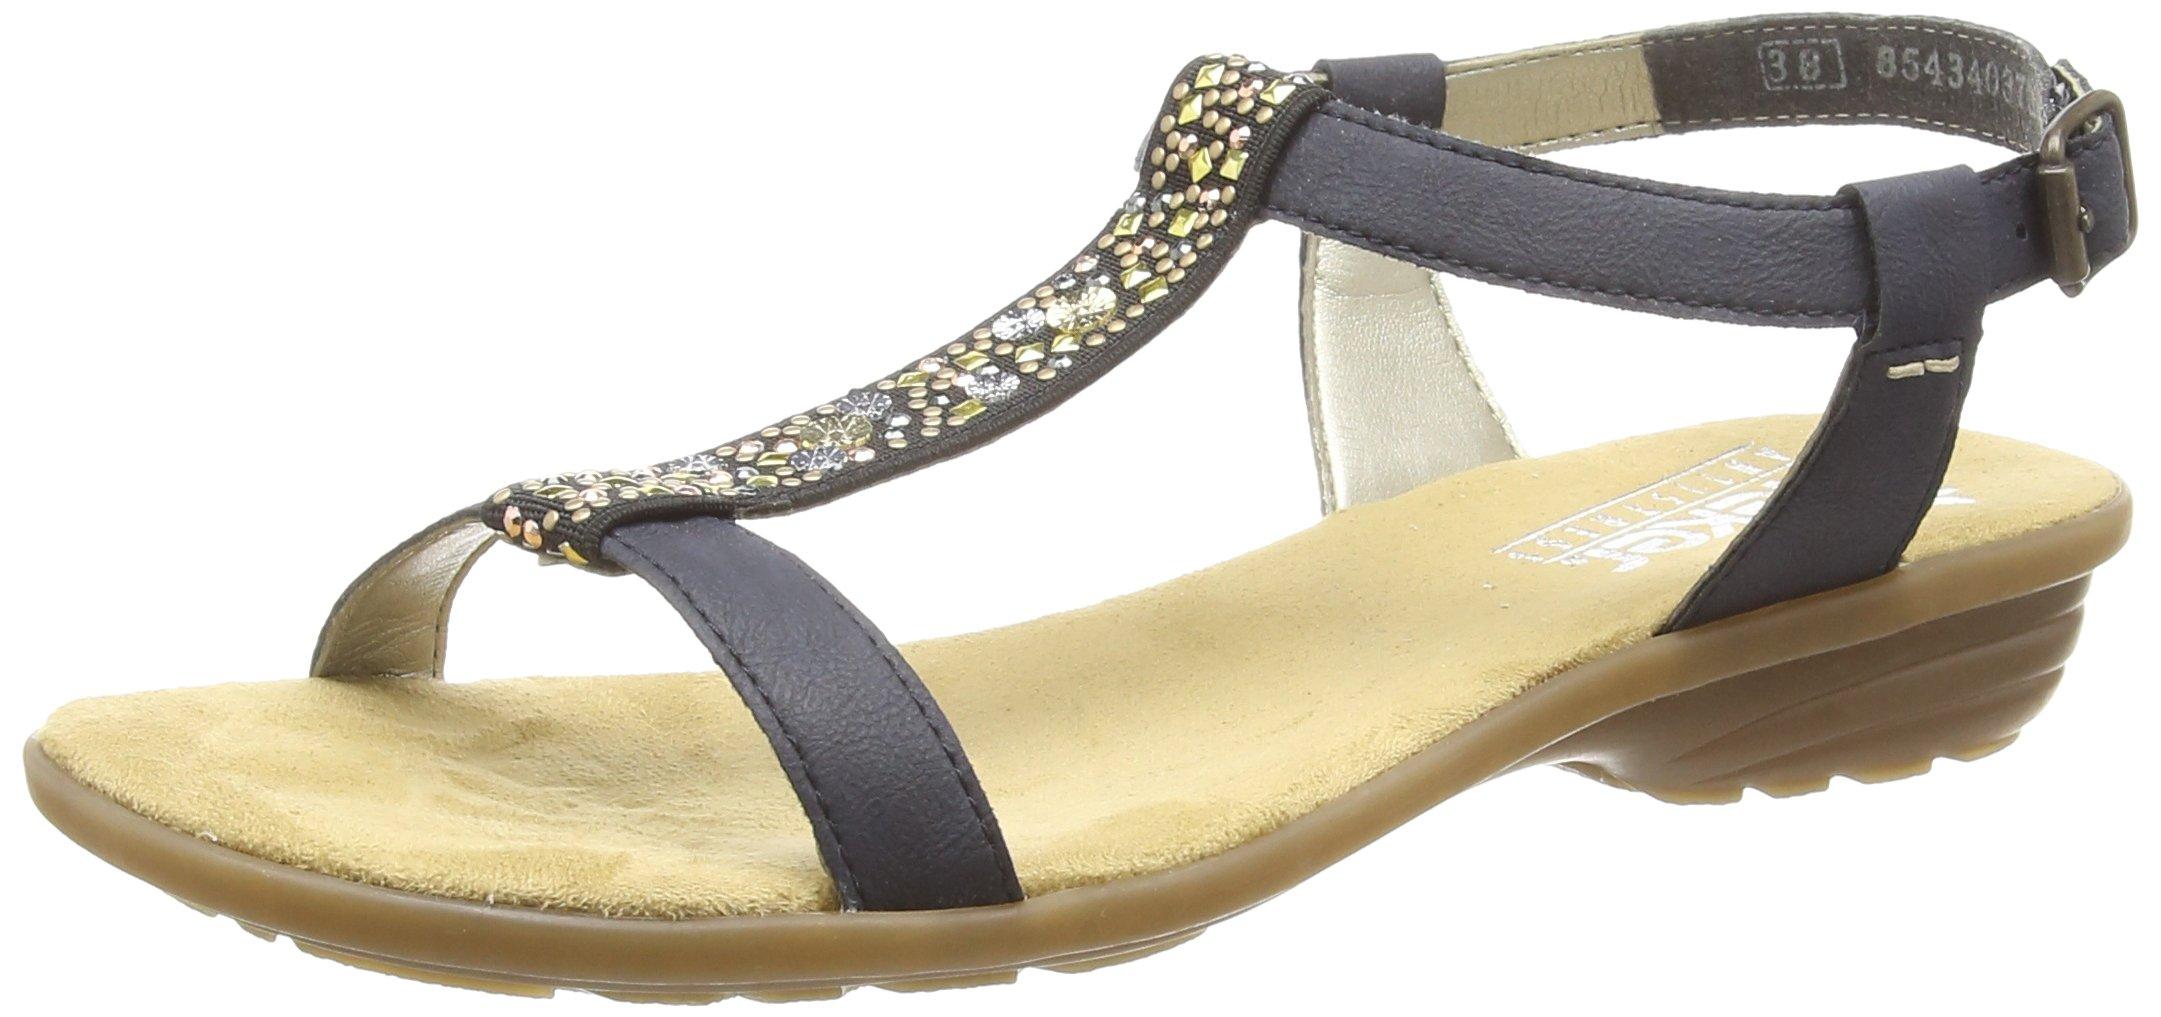 In Kategorie Besten Damen Sandalen Produkte Der Am Bewertete kX0wOn8P